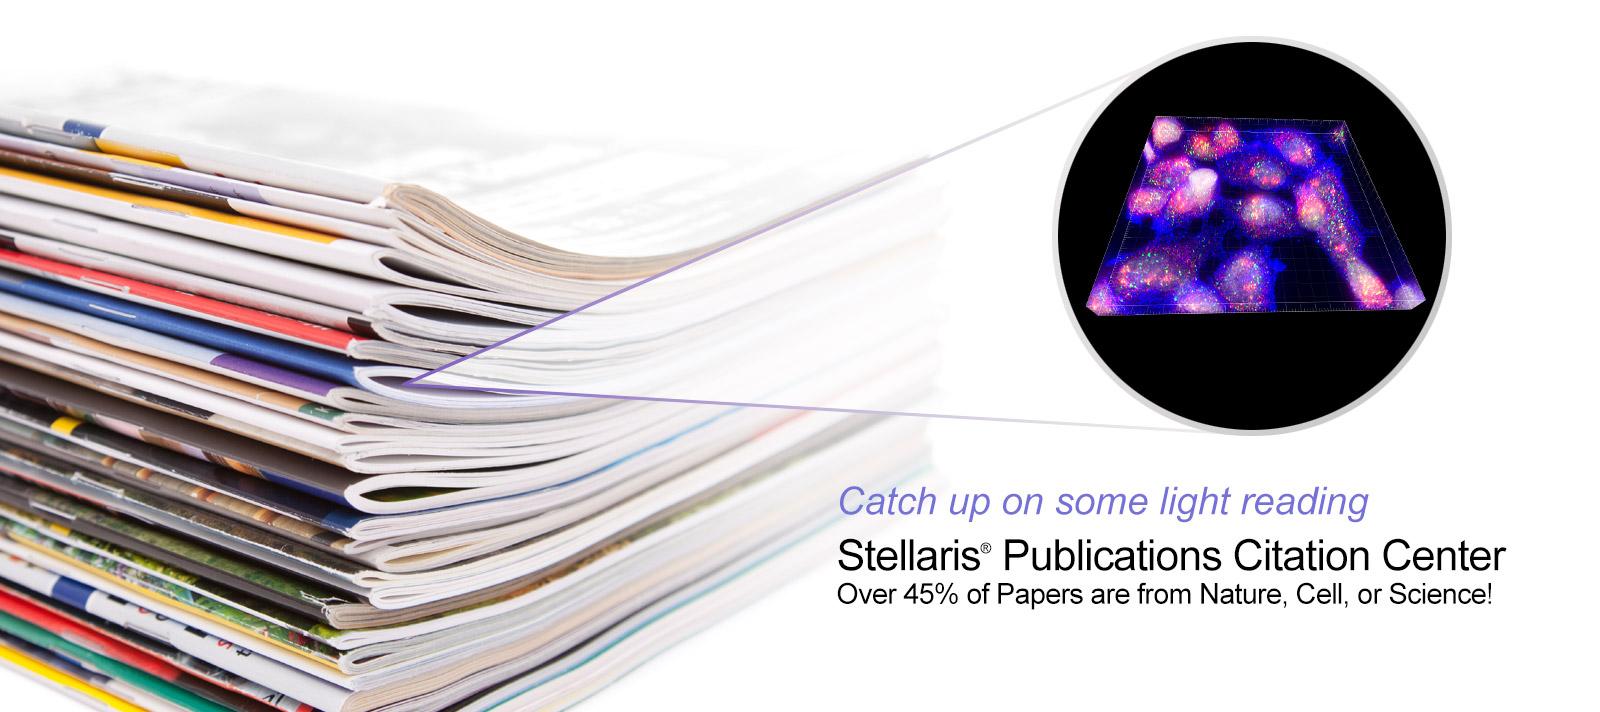 citation-center-stellaris-publications-45.jpg